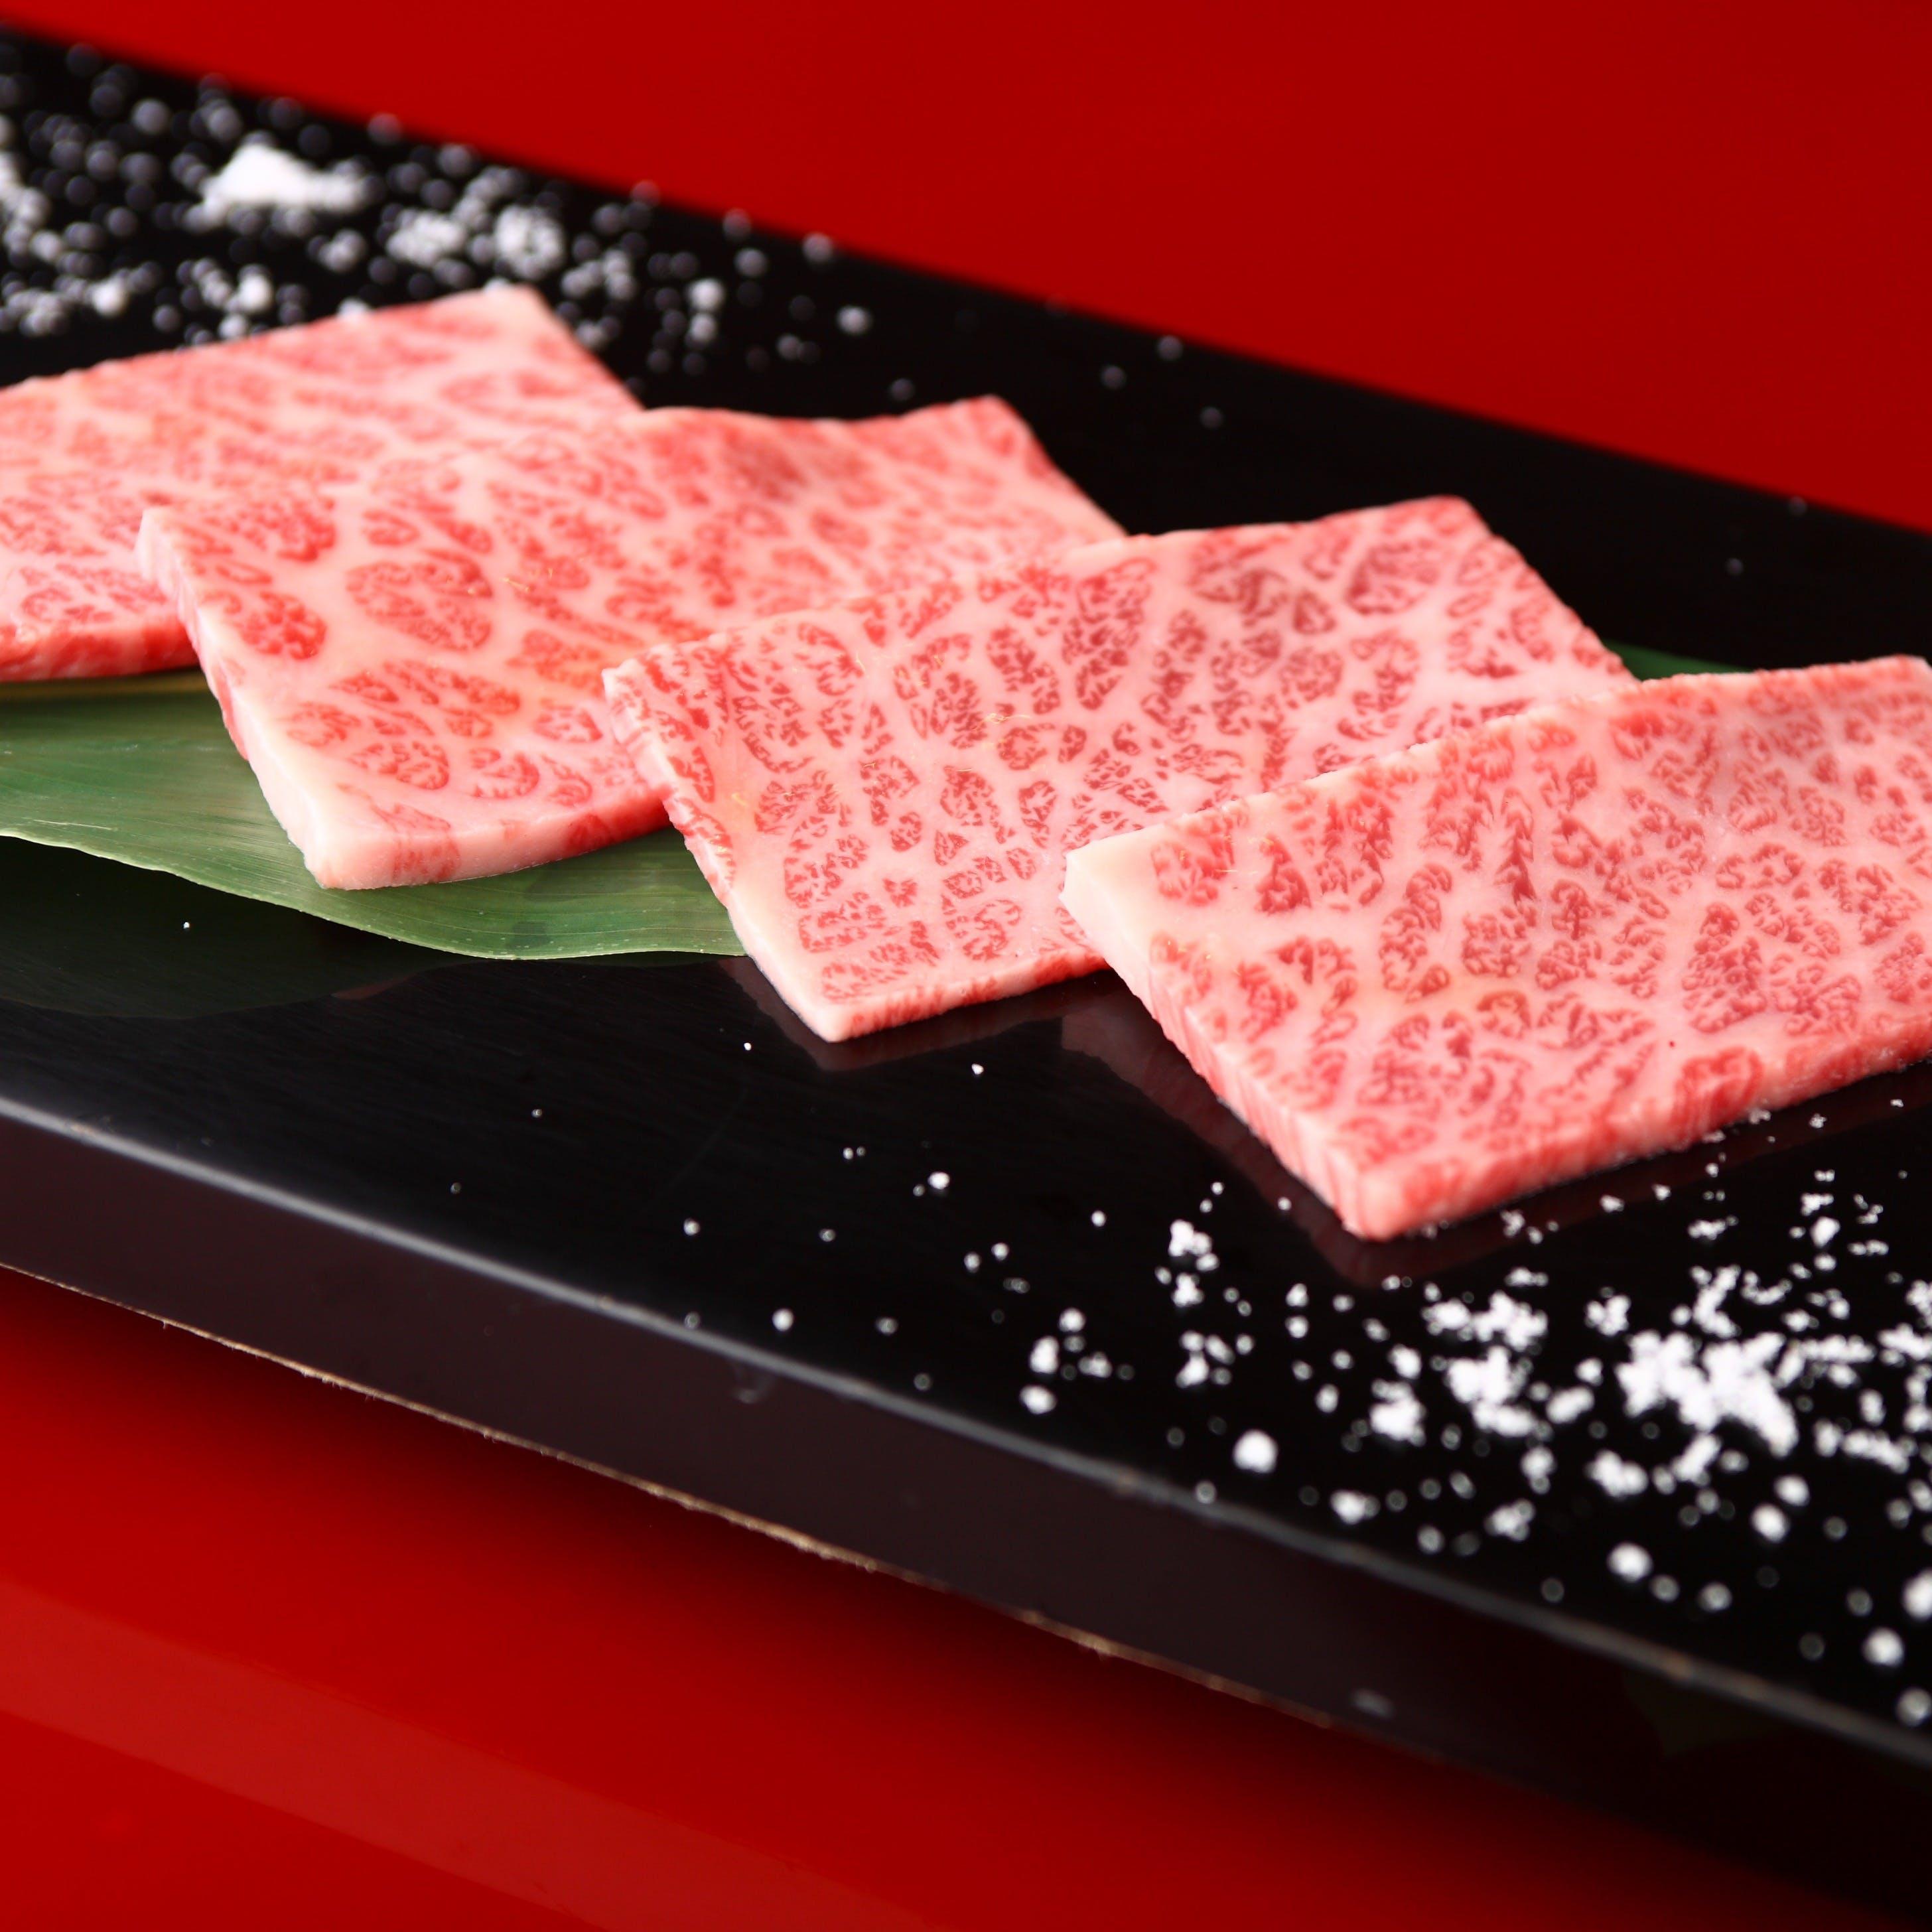 しっかりとした肉の旨味と脂身の豊かな甘みが魅力